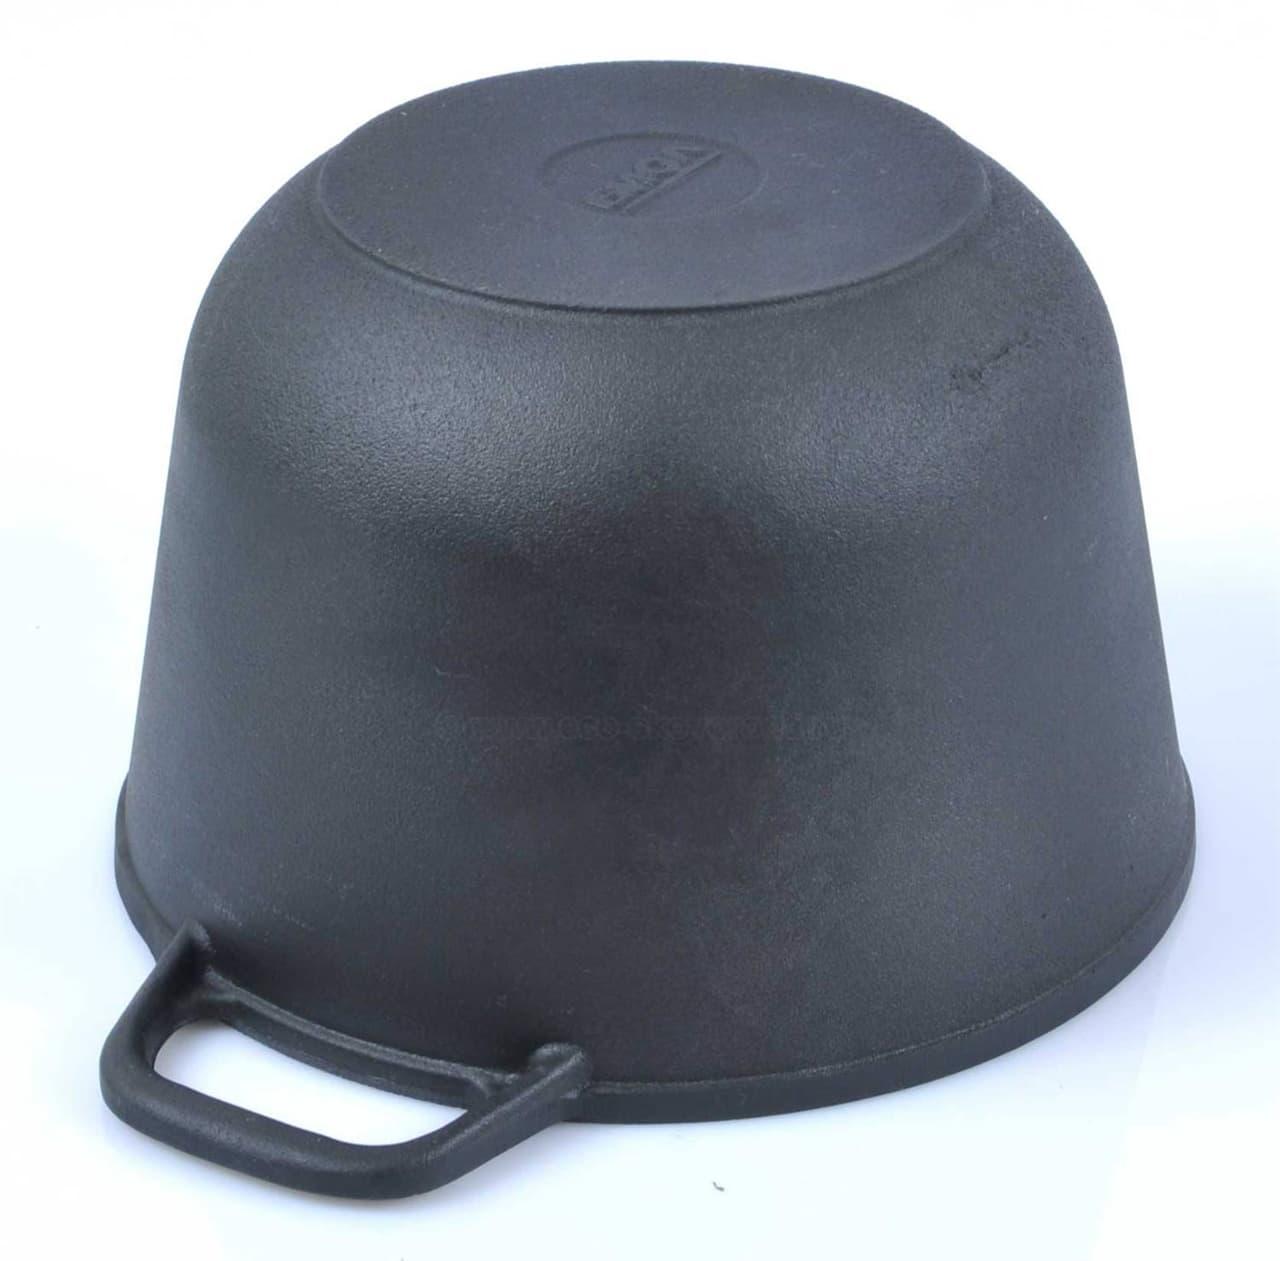 Кастрюля чугунная 6 л. с крышкой сковородой БИОЛ 0206 купить